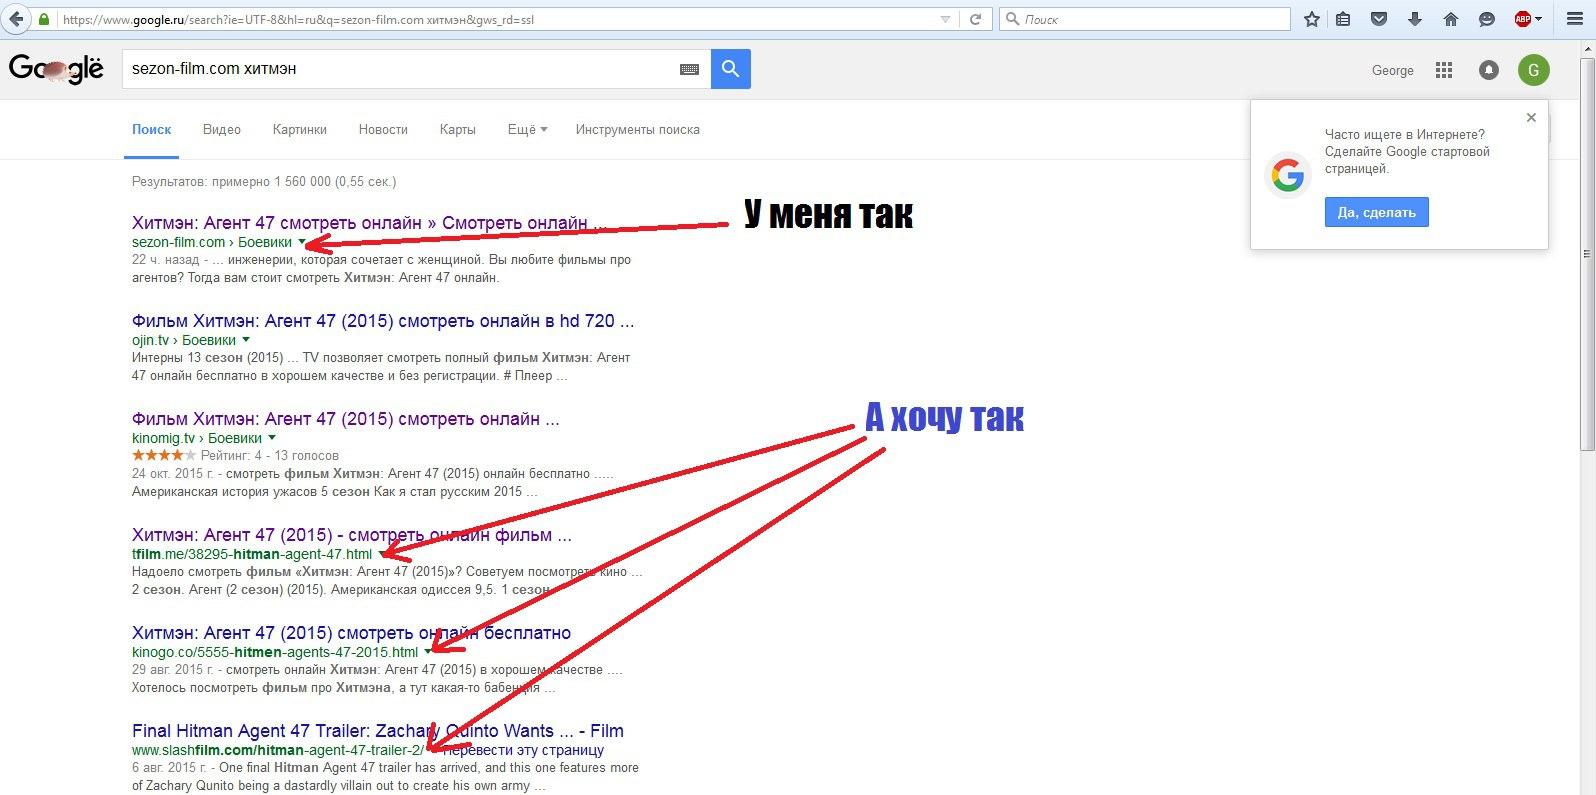 Выходит неправильная структура url в поисковике, как исправить?